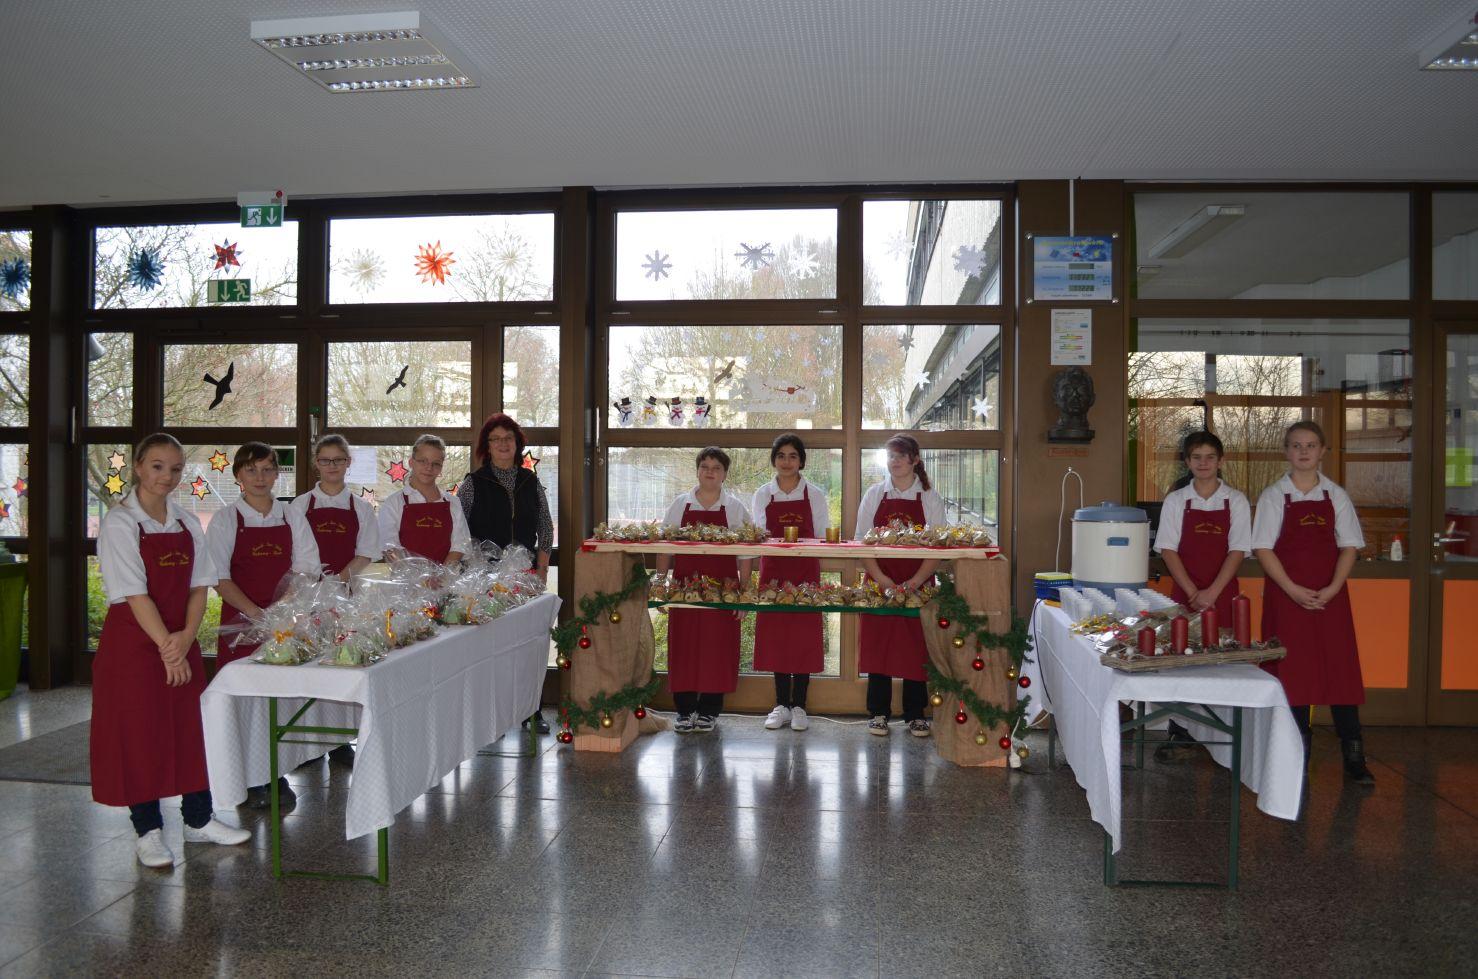 Verkauf von Plätzchen, Punsch und kleinen Geschenken 16.12.2014